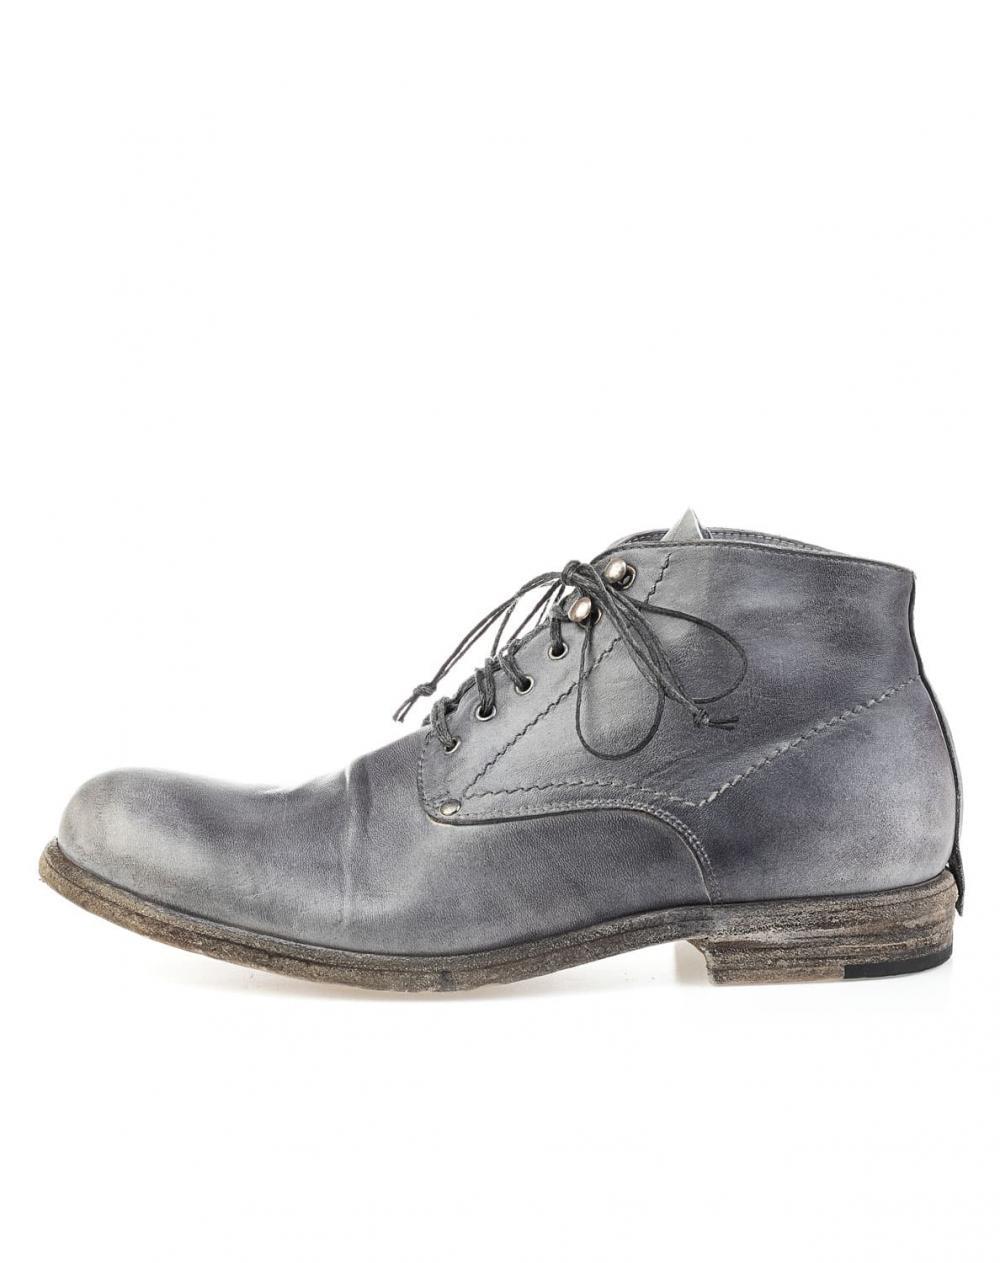 Boot Horse Nappa Perla